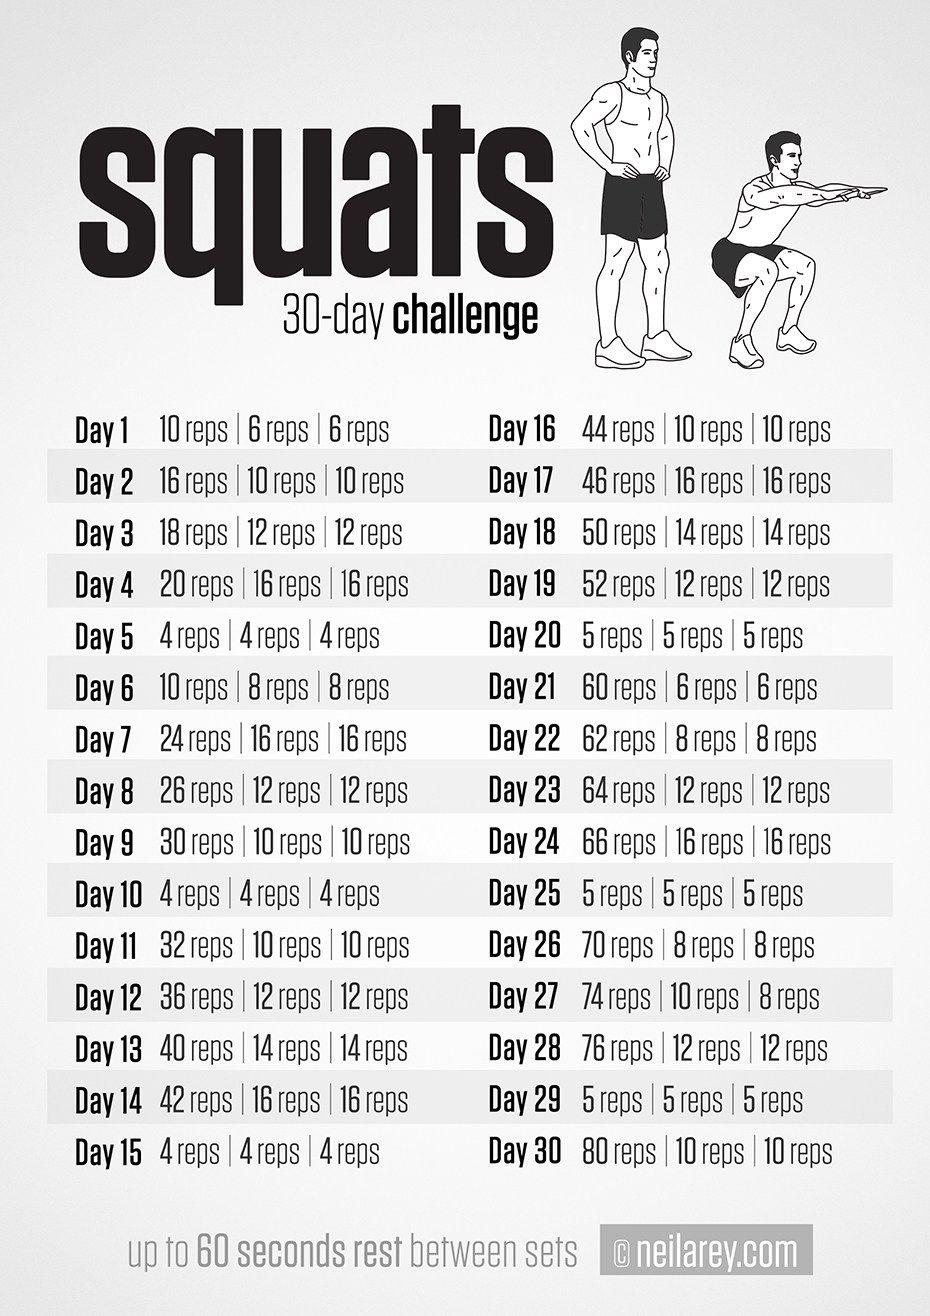 Challenges Exercices De Musculation Pour Hommes Exercices Physiques Quotidiens Entrainement Musculation